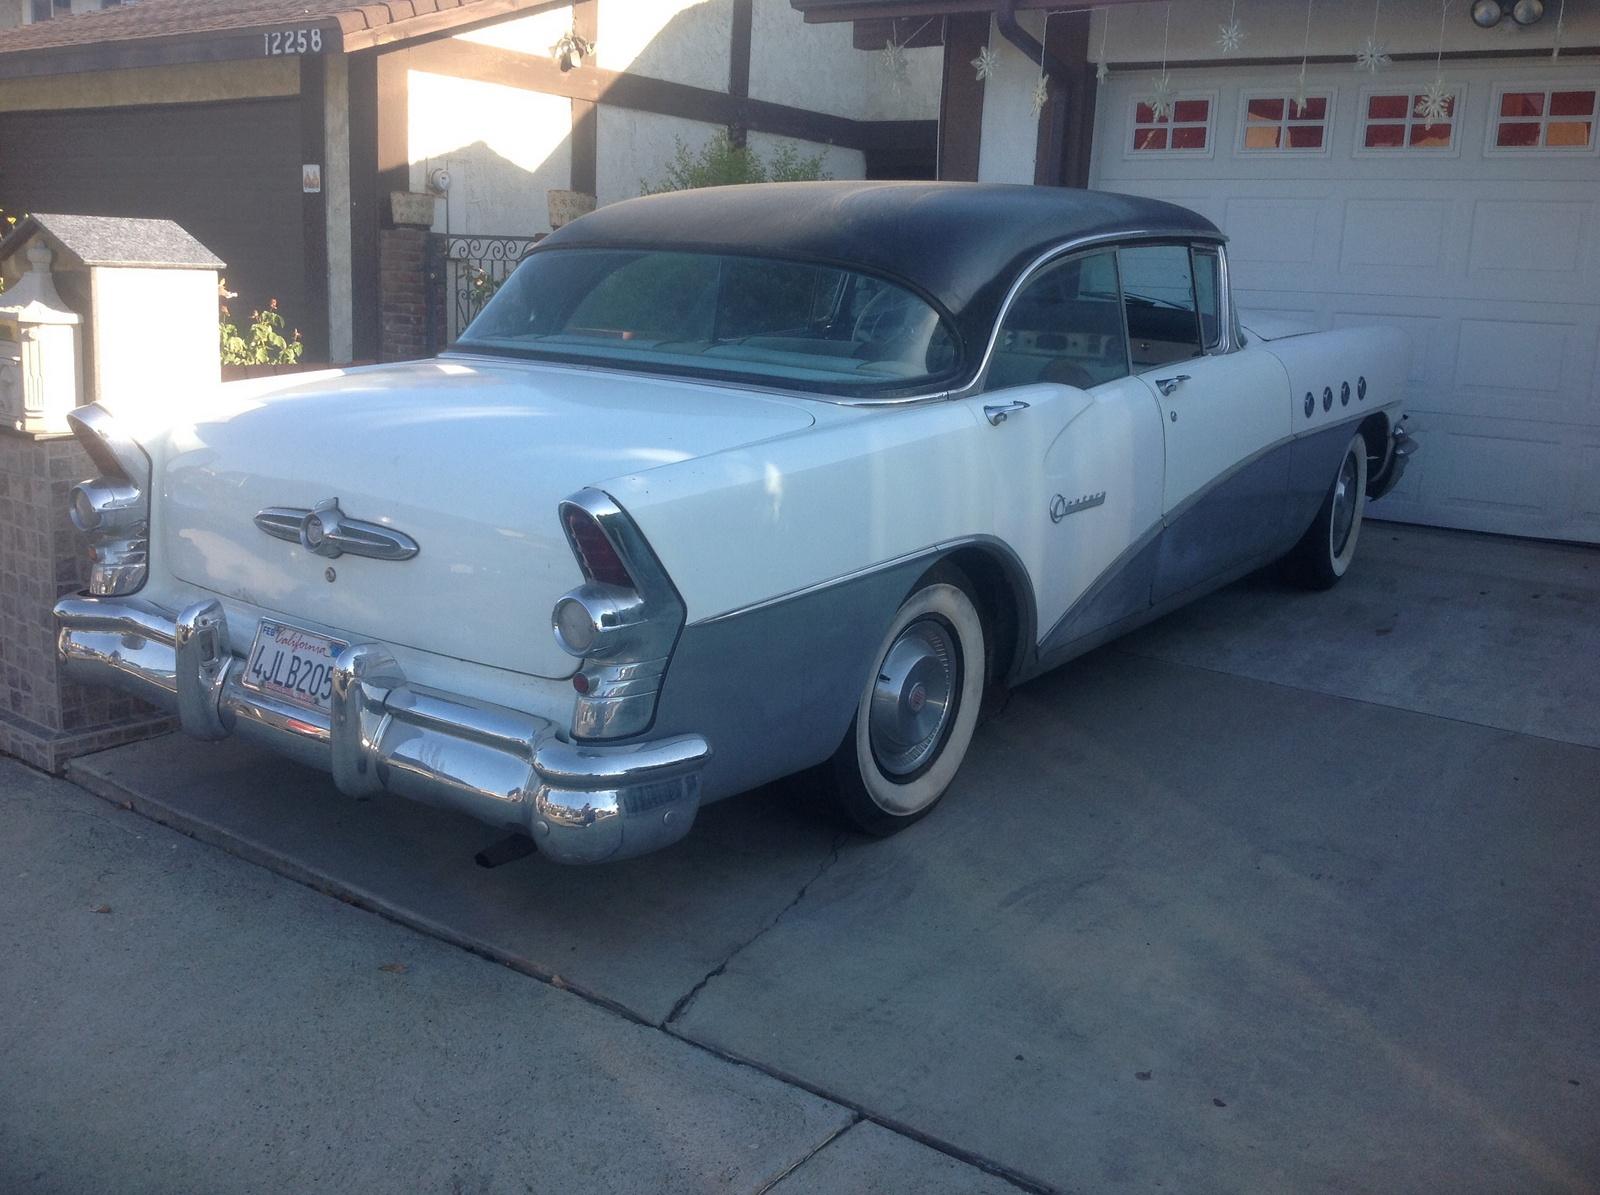 14 Buick Regal >> 1955 Buick Century - Pictures - CarGurus